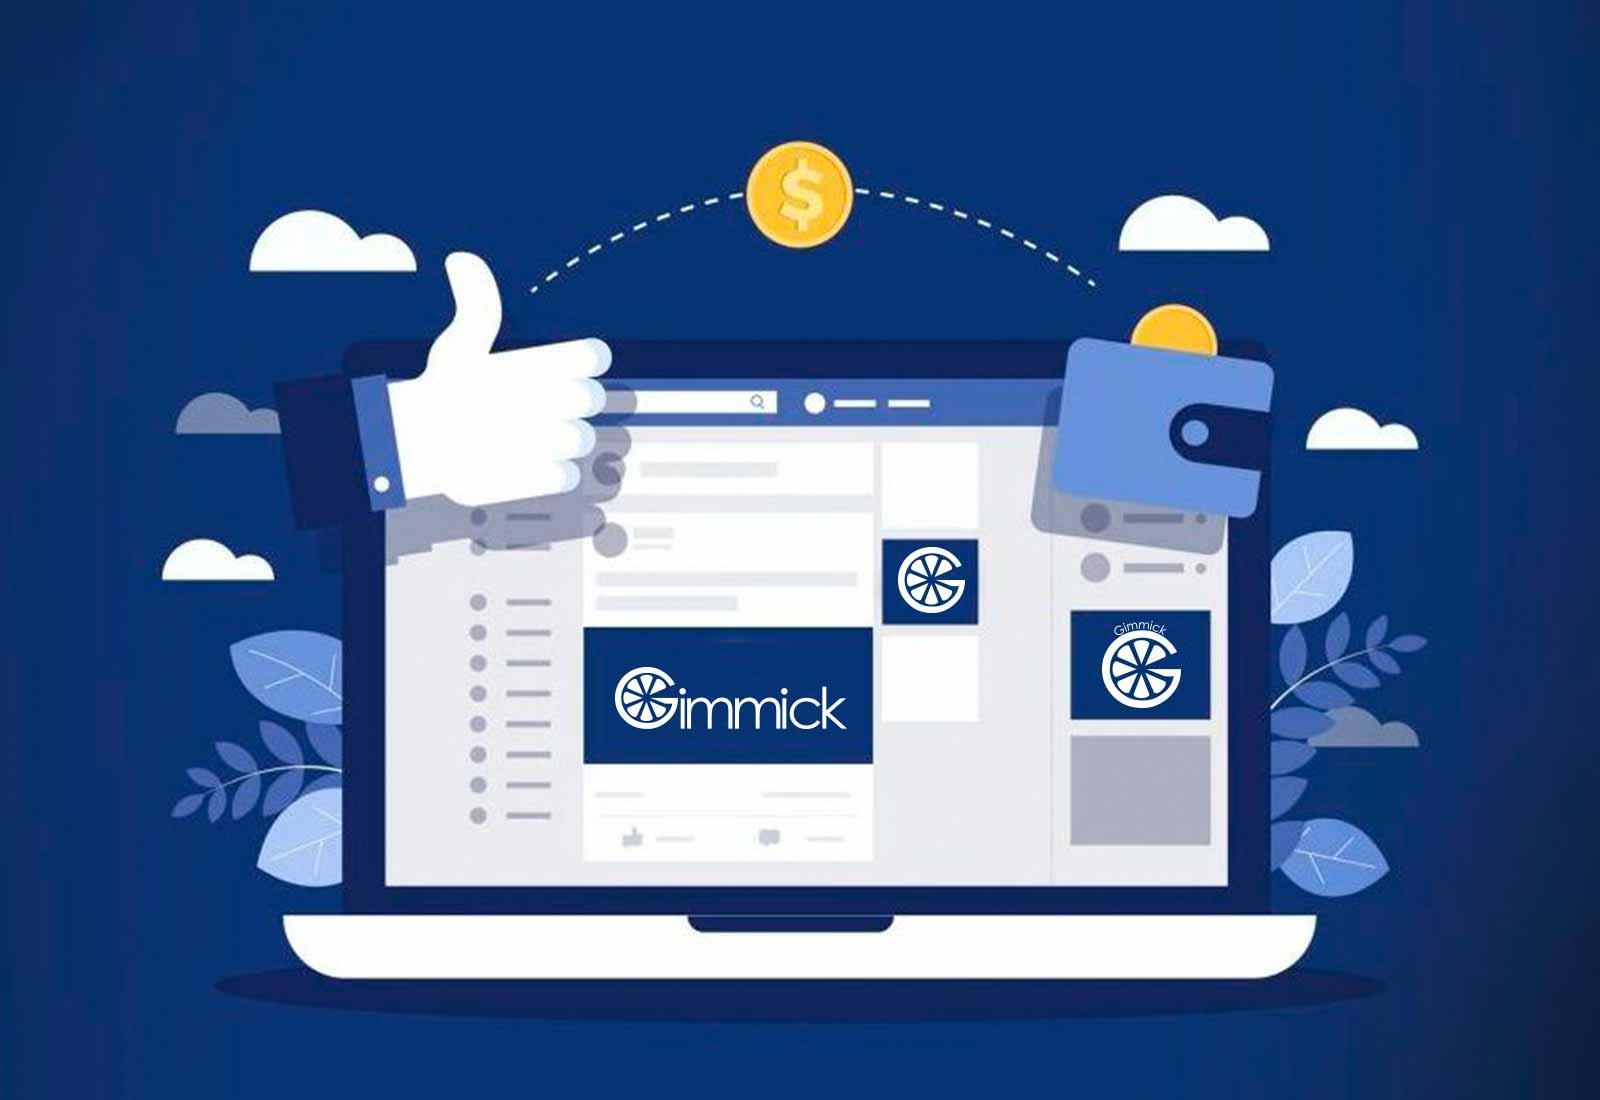 Agencia de FAcebook Gimmick